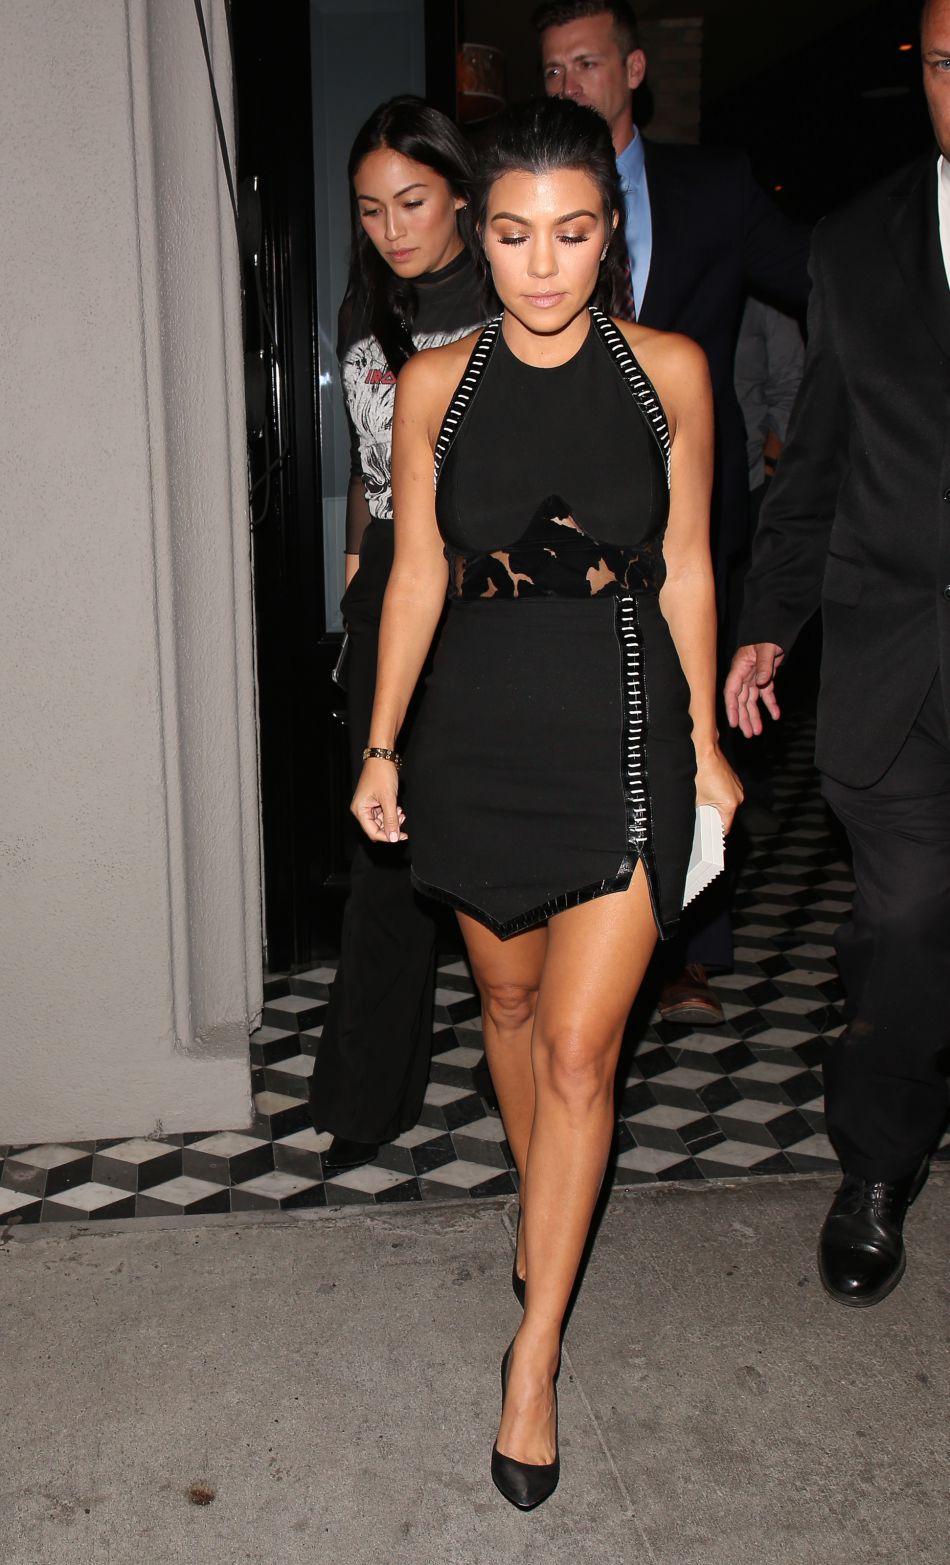 La grande soeur de Kim Kardashian s'est exprimée cette semaine pour la première fois après l'agression à Paris.